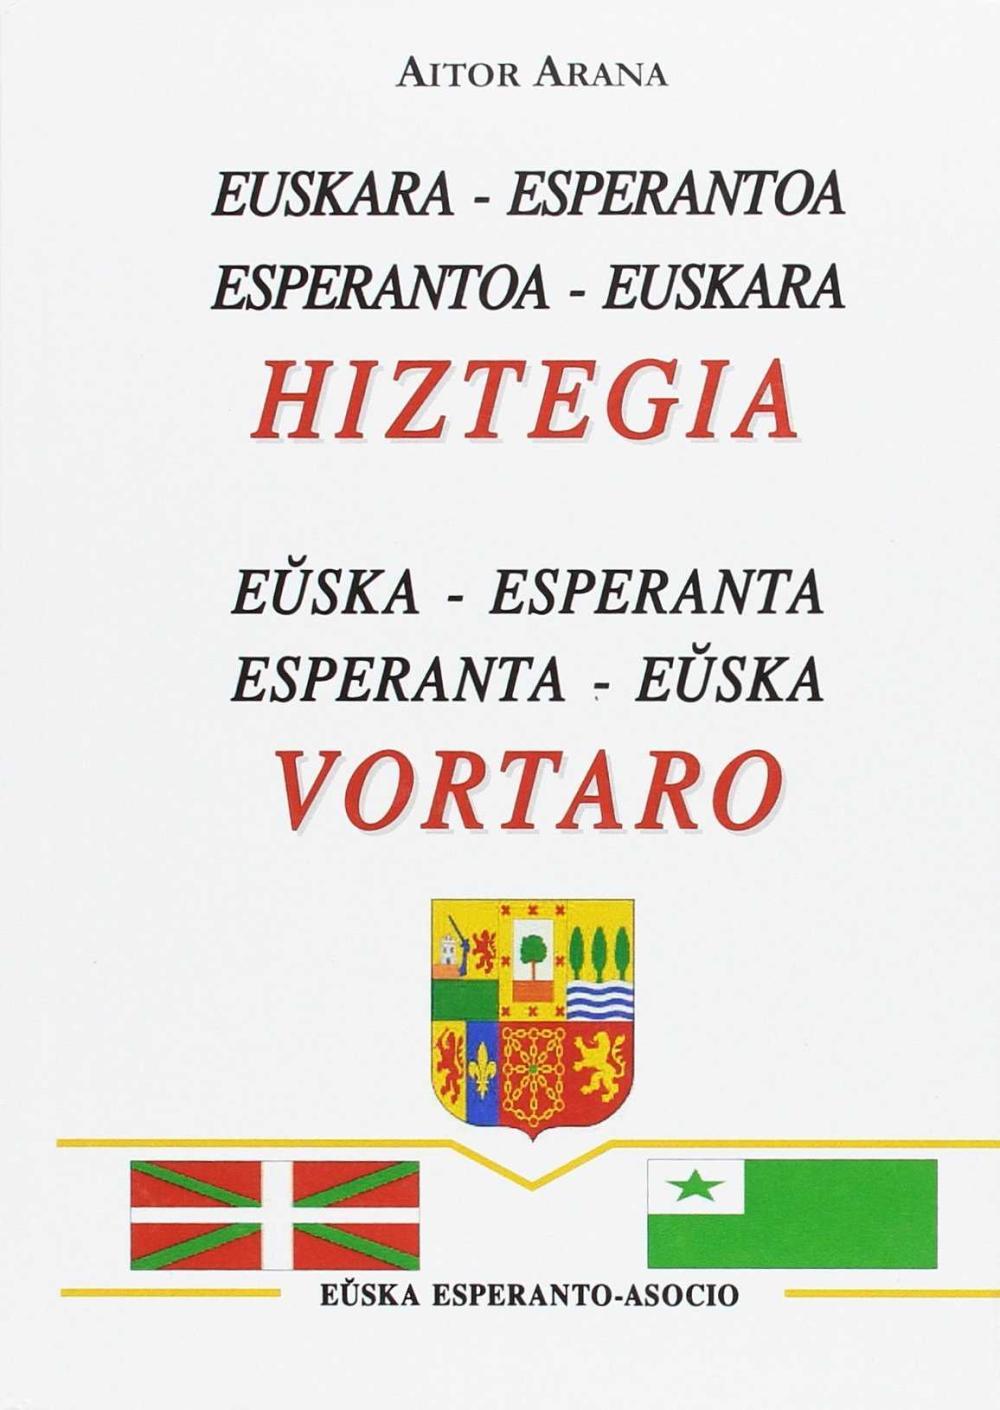 HIZTEGIA EUSKARA-ESPERANTO VORTARO